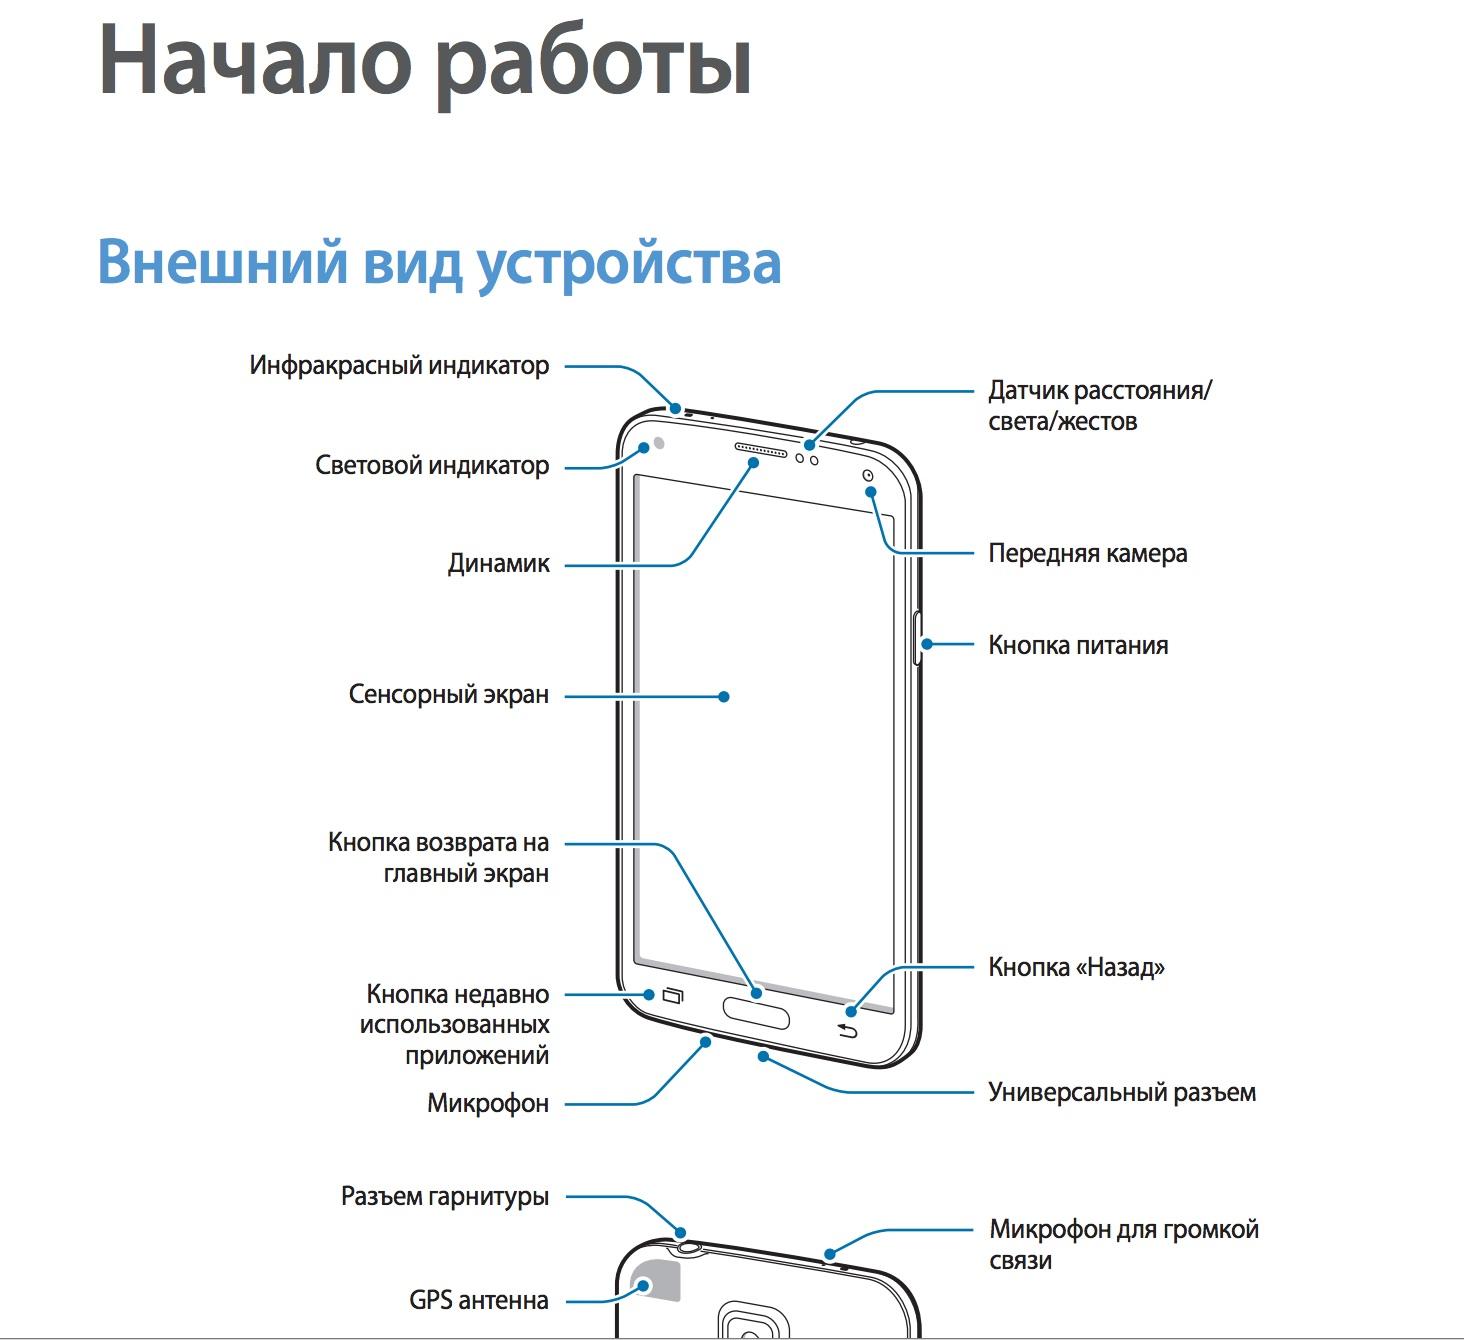 Скачать инструкцию на Galaxy S5 в PDF